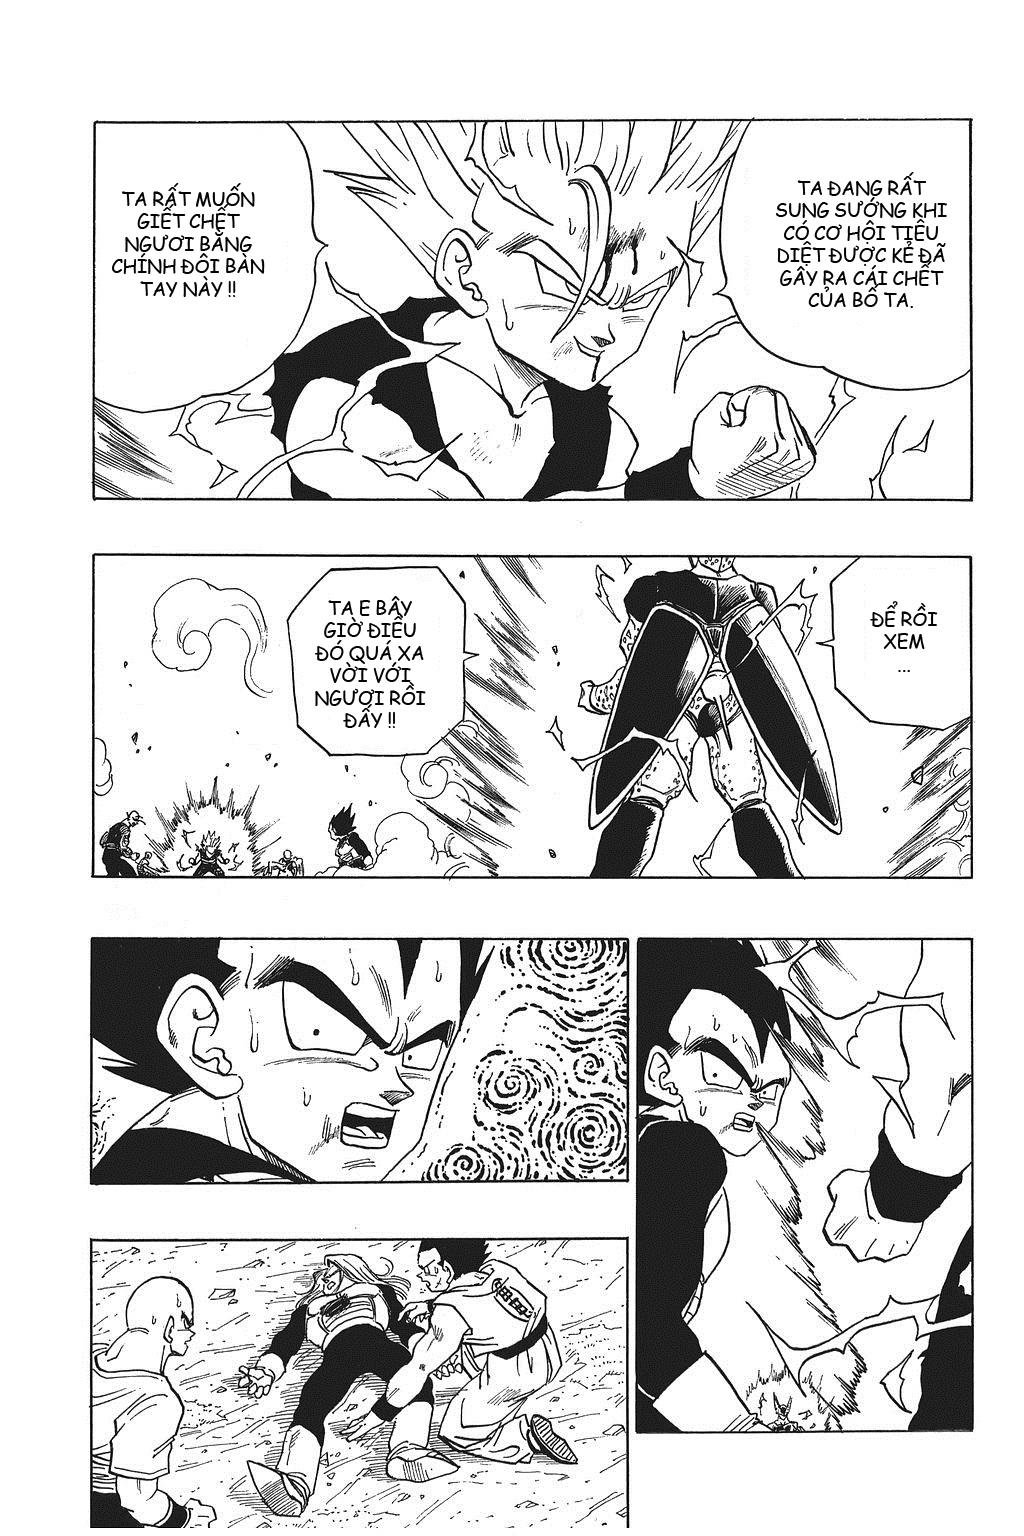 xem truyen moi - Dragon Ball Bản Vip - Bản Đẹp Nguyên Gốc Chap 414